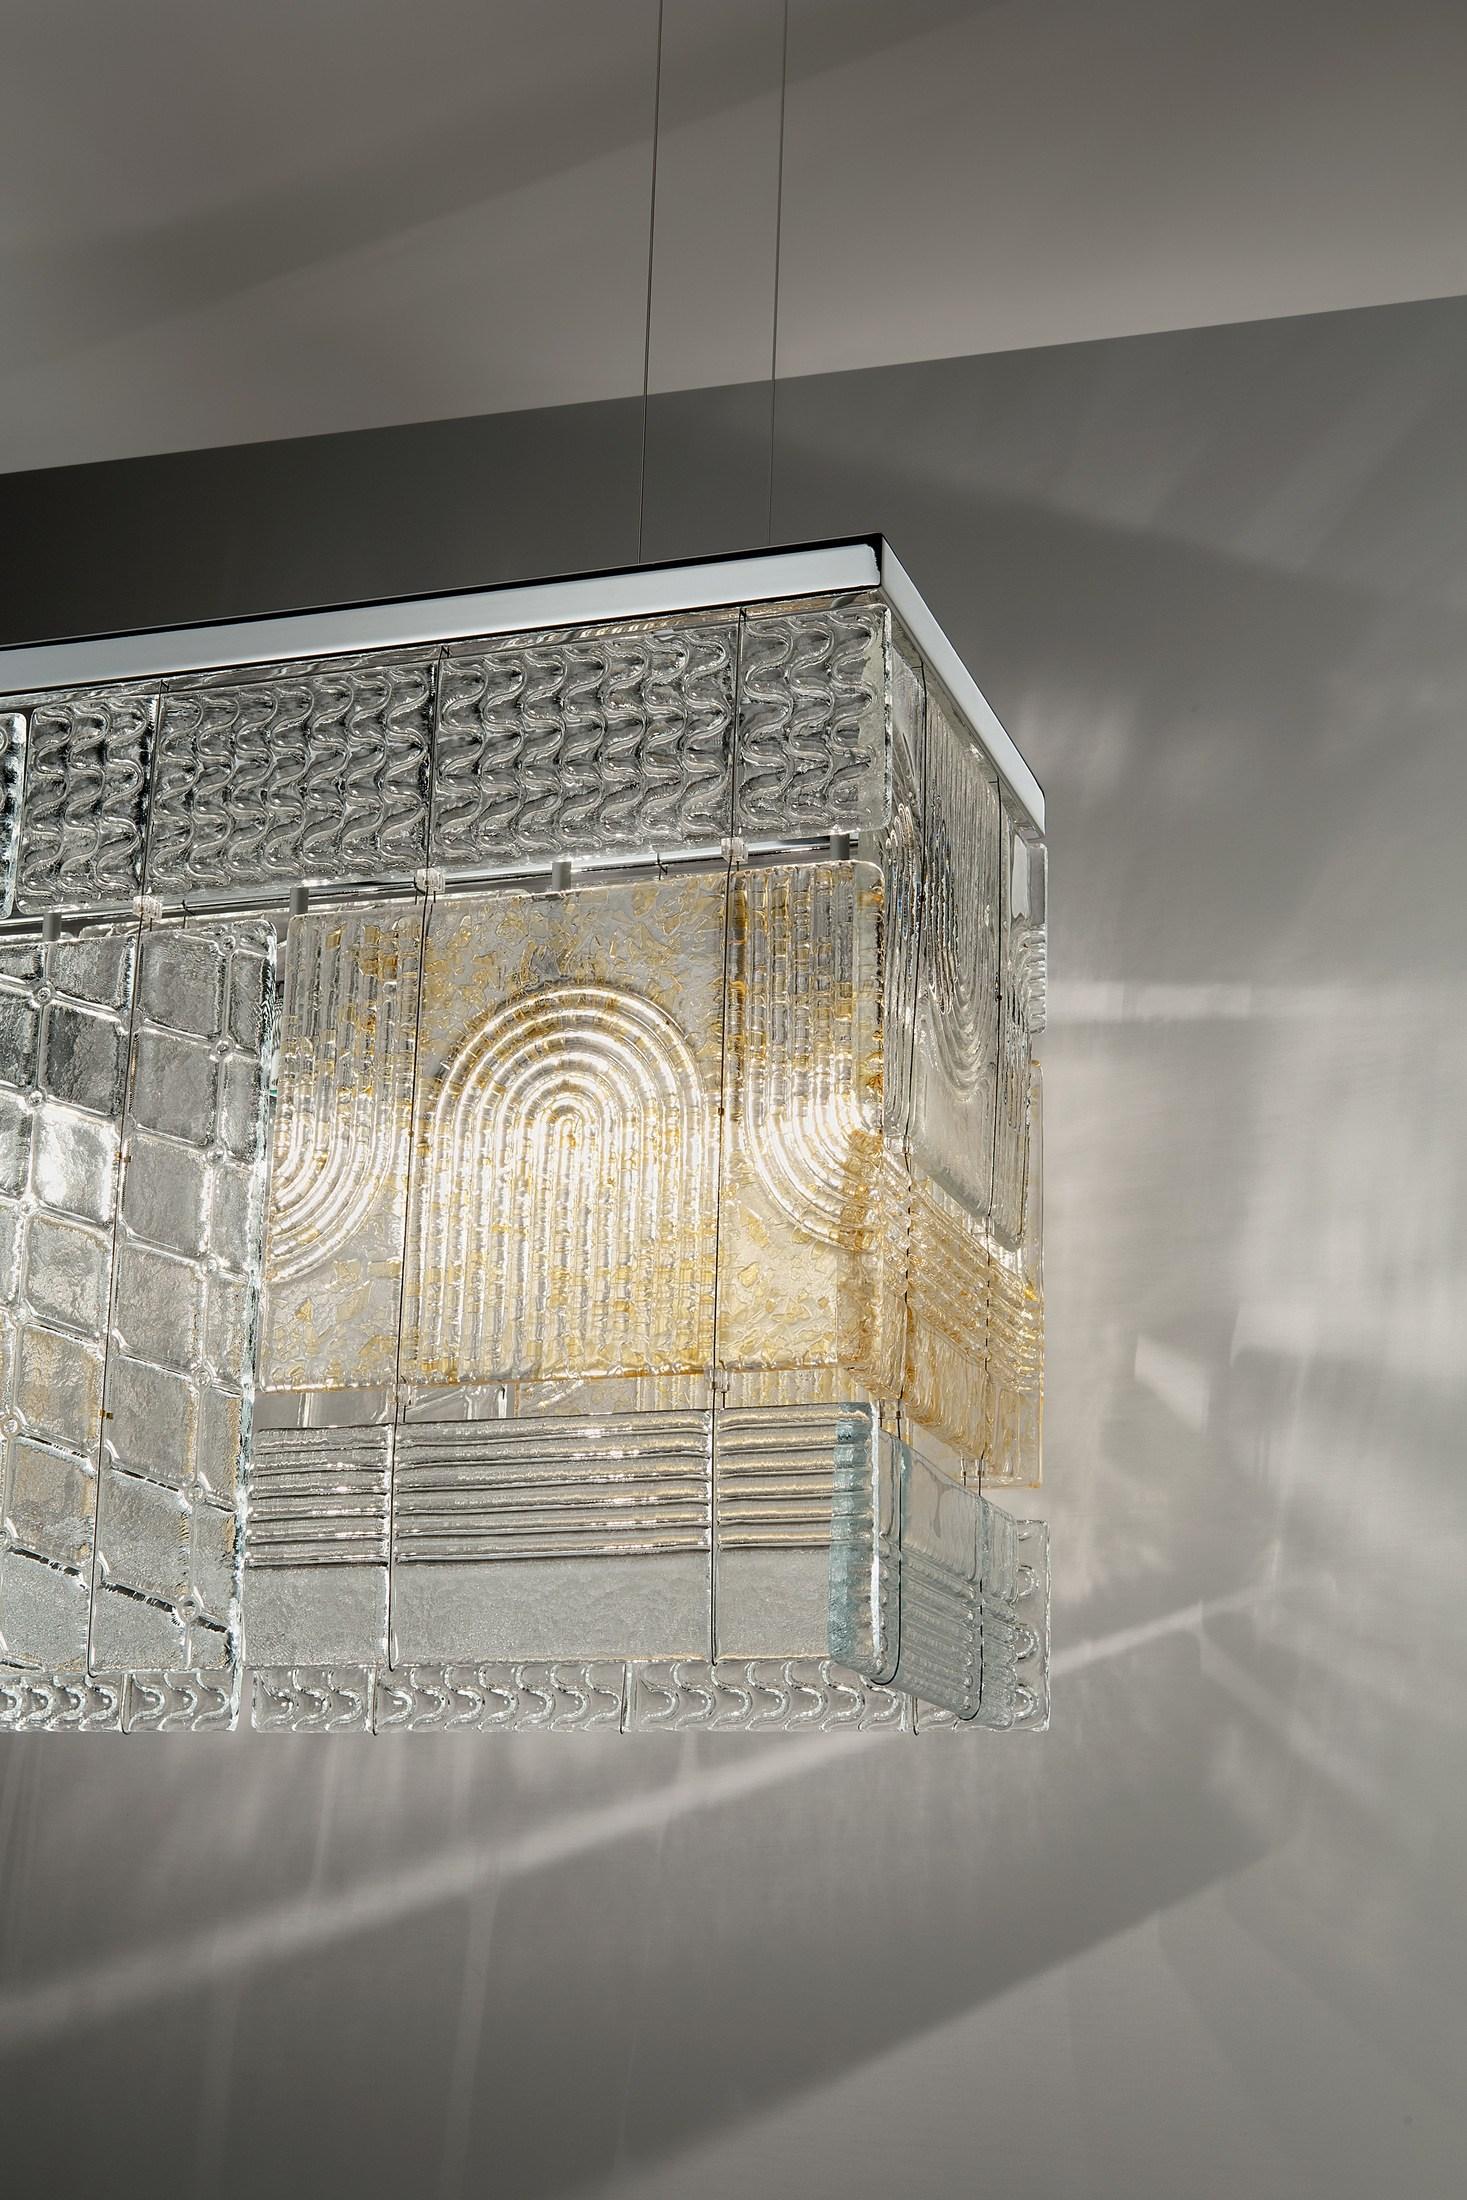 Fabbian Lamins светильник из литого стекла с фактурой